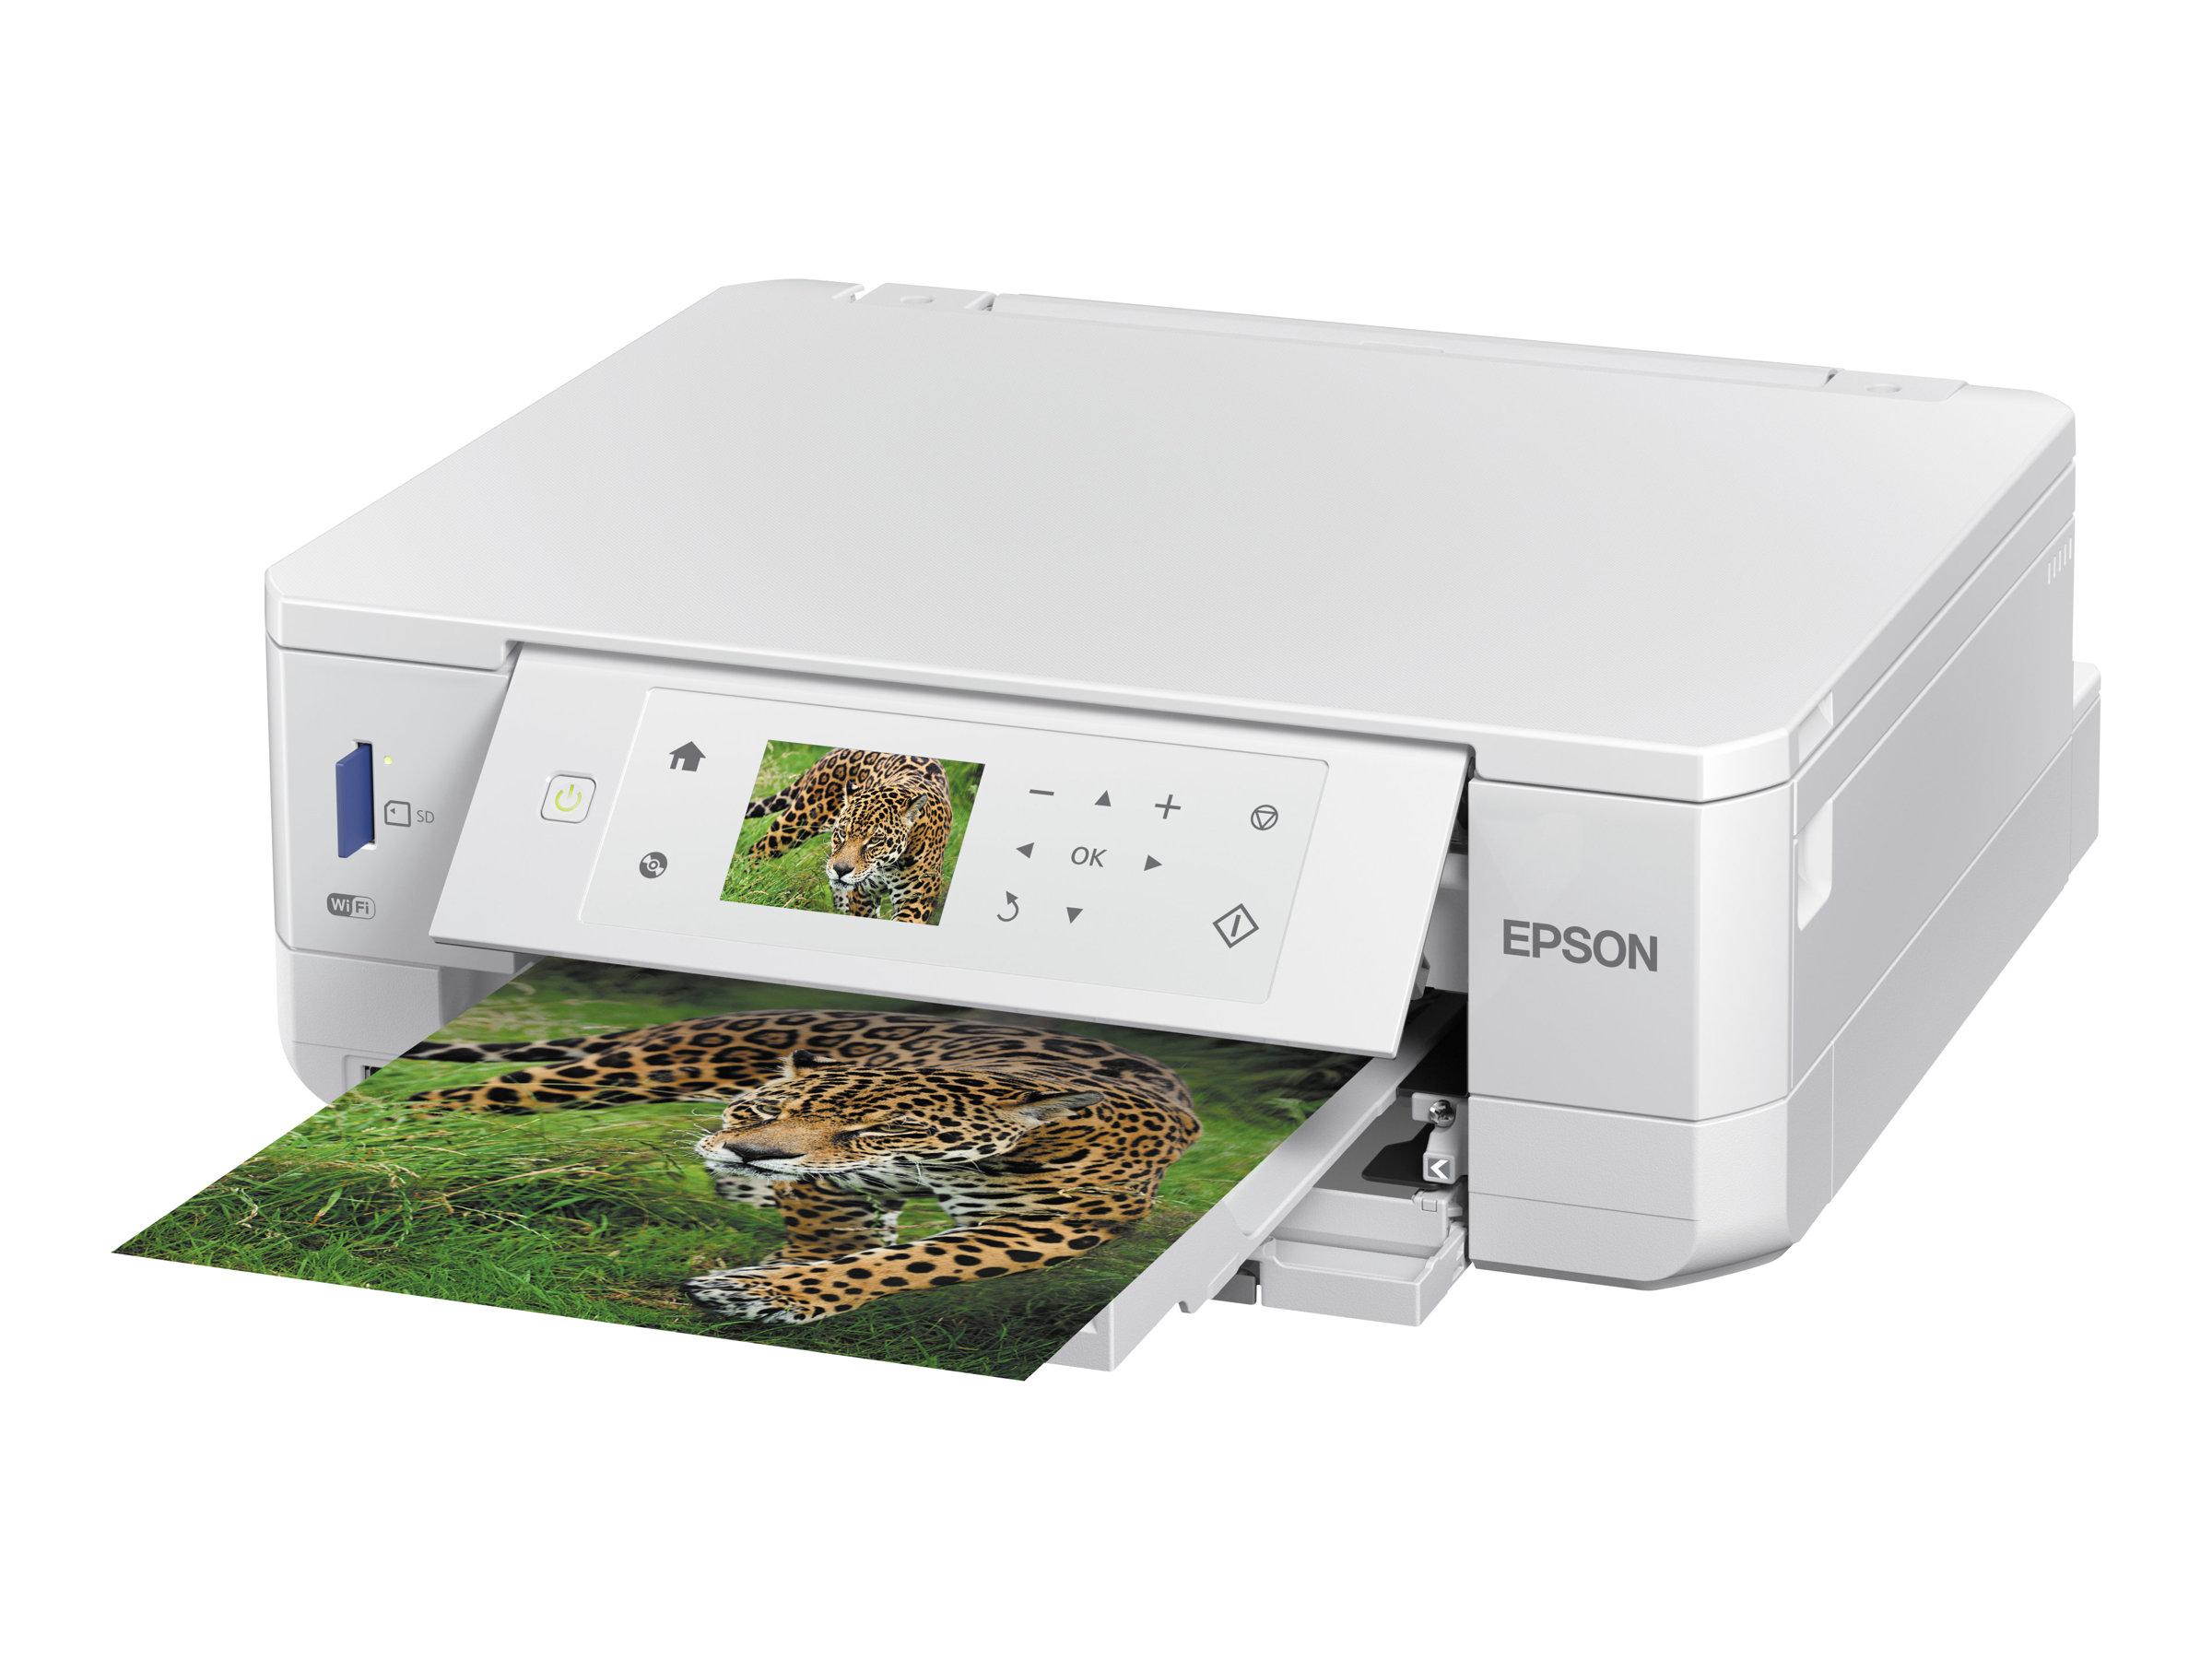 epson expression premium xp 645 imprimante multifonctions couleur imprimantes jet d 39 encre. Black Bedroom Furniture Sets. Home Design Ideas